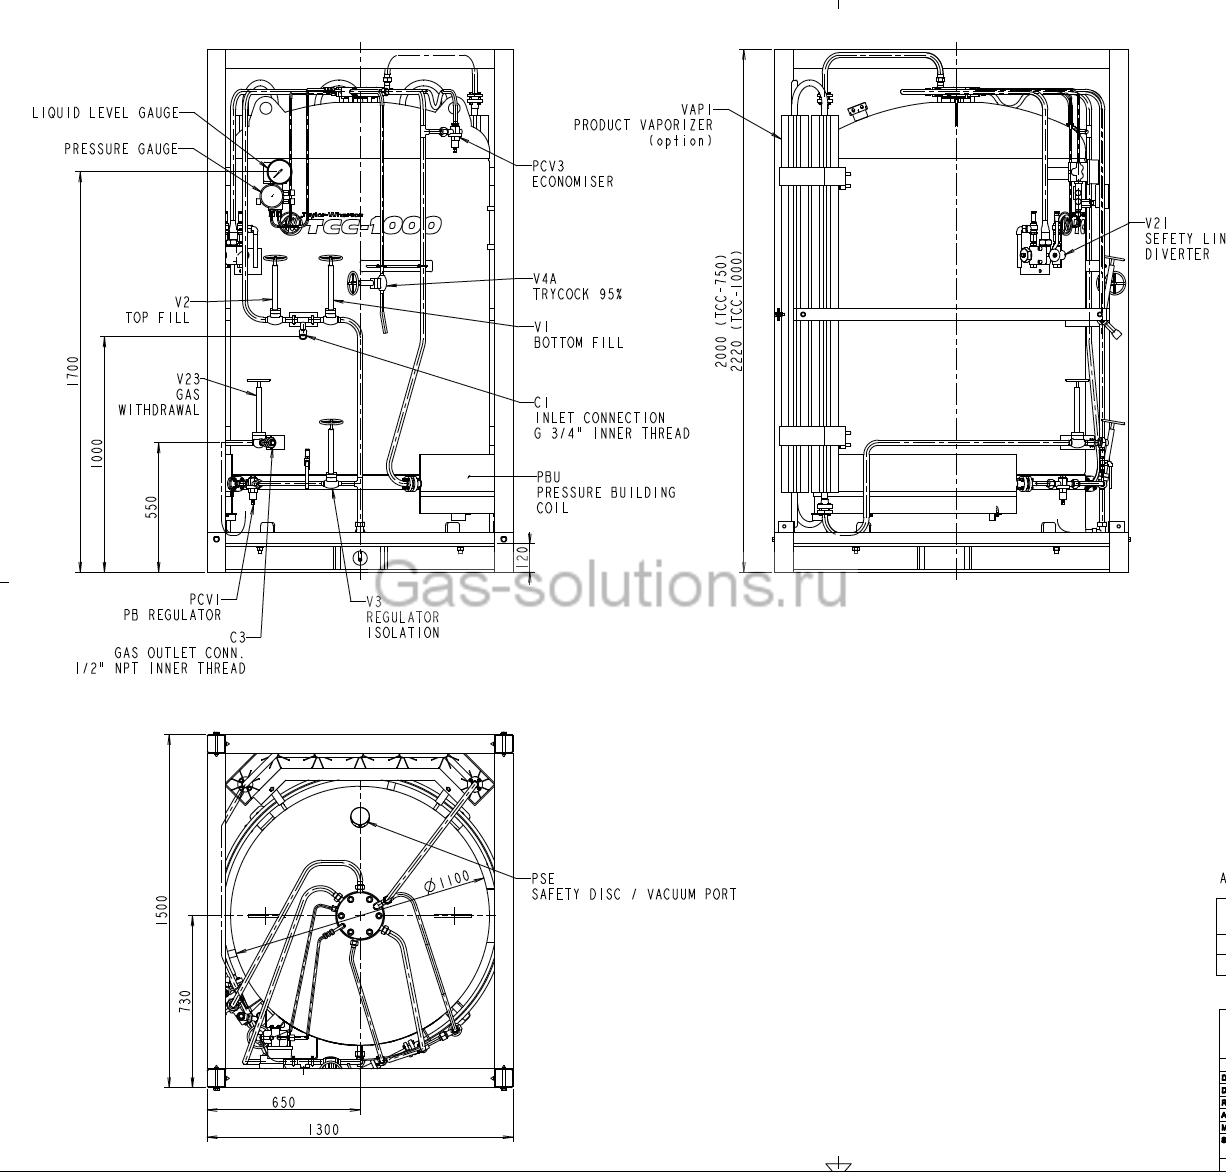 Криогенная ёмкость TAYLOR-WHARTON серии MBC1000_схема